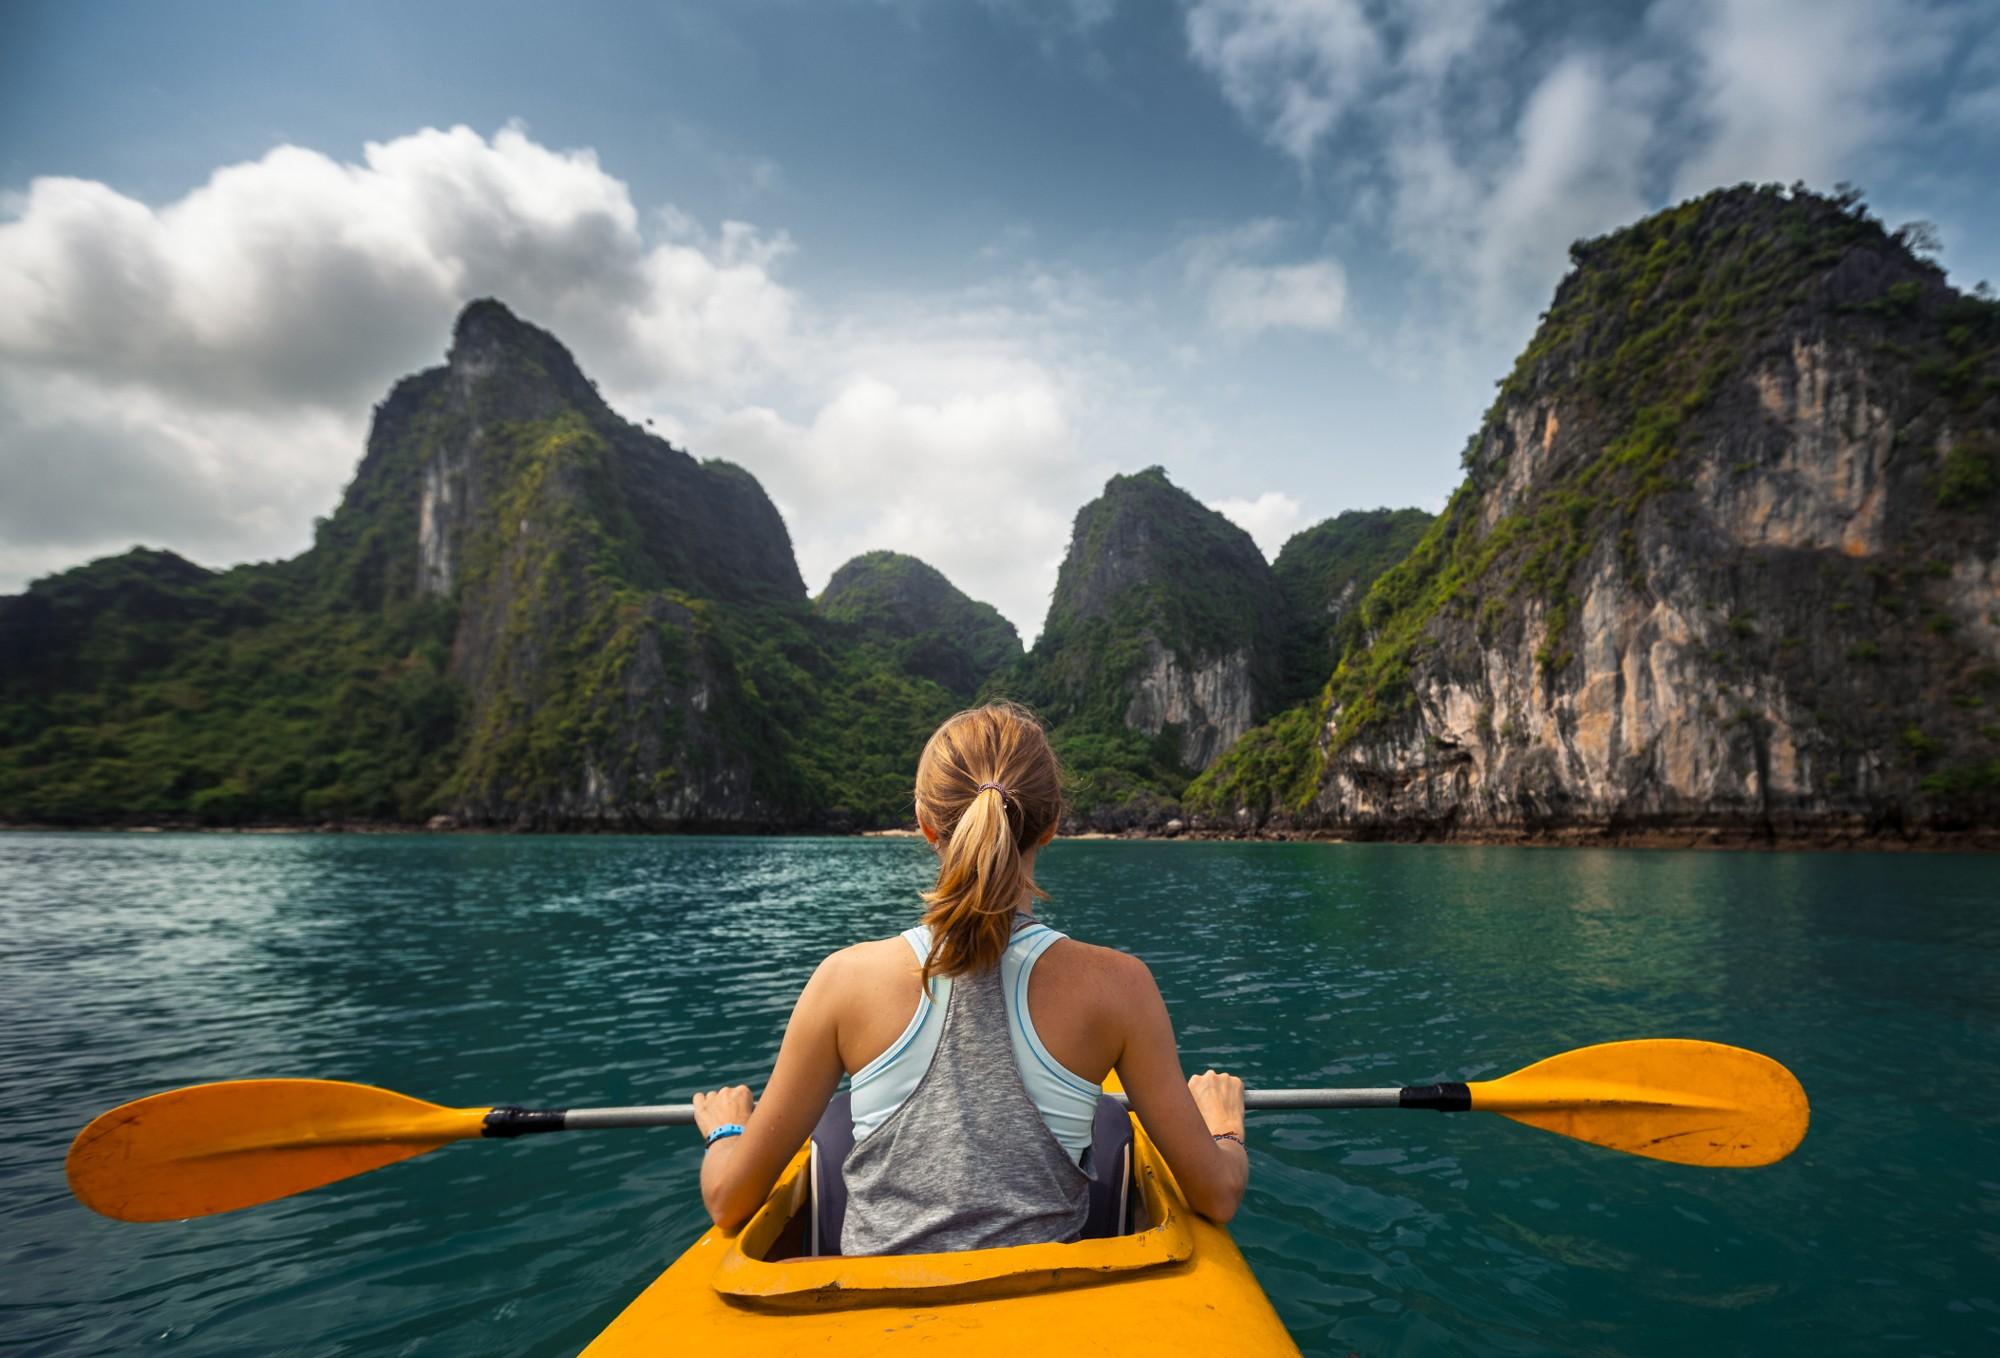 caiaque, viagem, montanhas (Foto: Thinkstock)